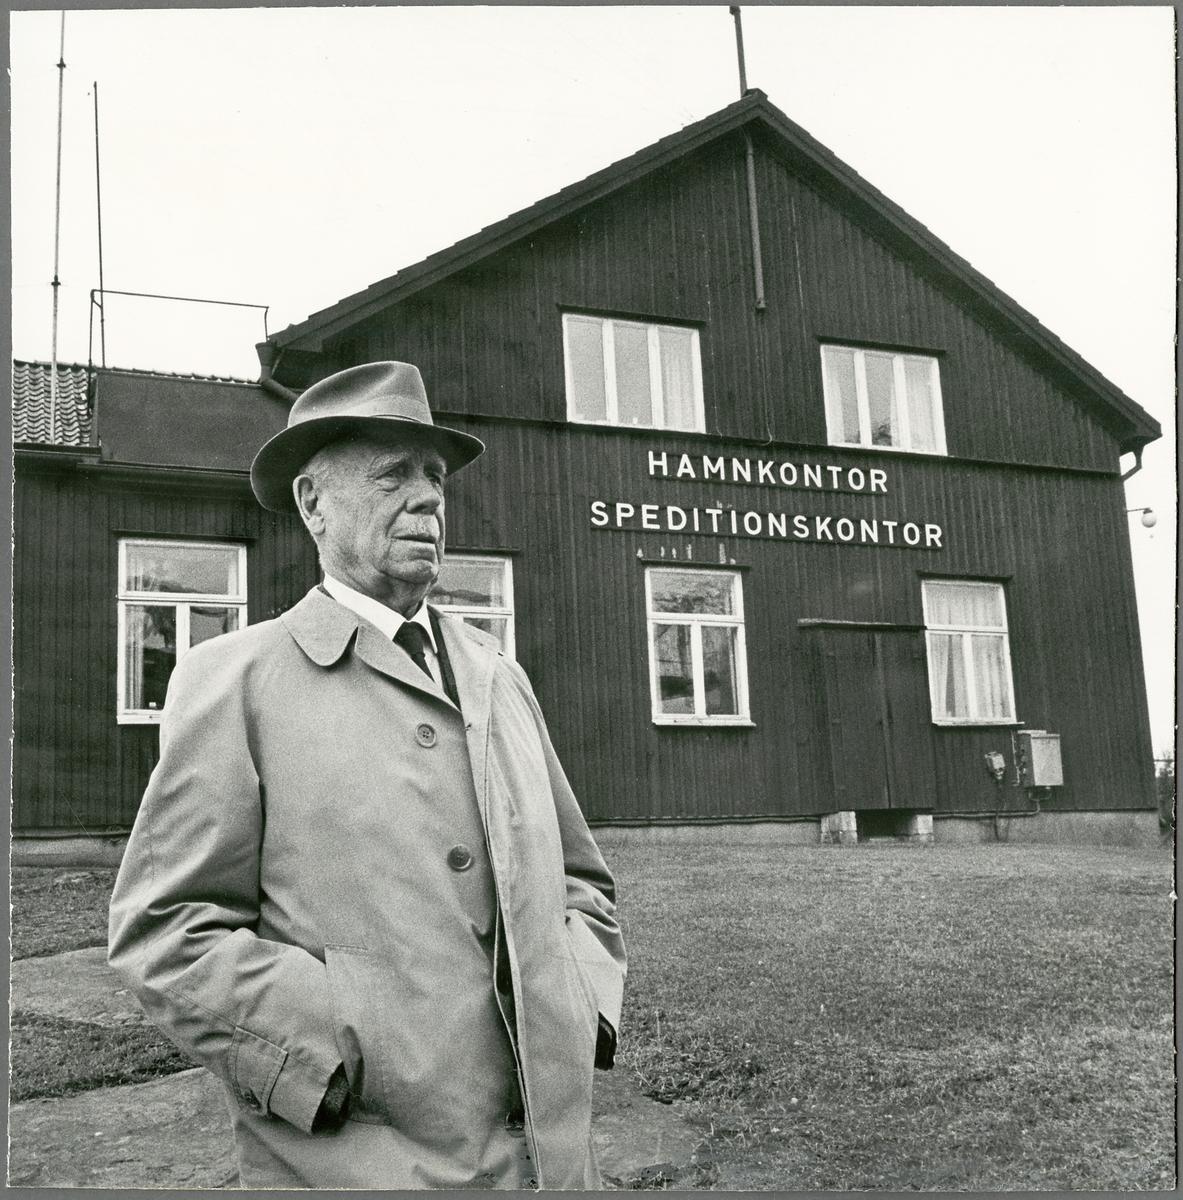 Överinspektör för trafiktjänsten, Öit Hedin utanför hamnkontoret och speditionskontoret.